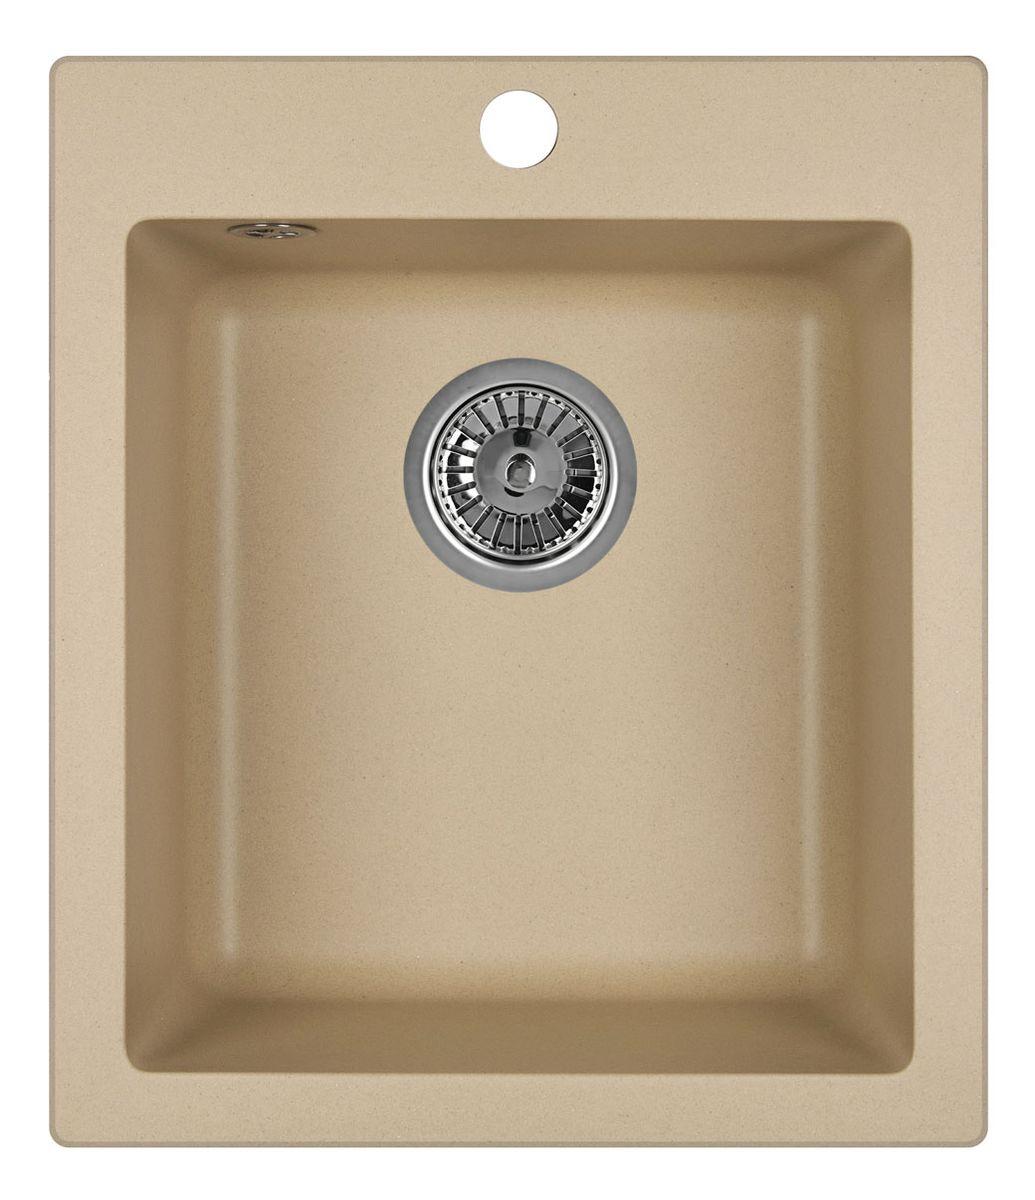 Мойка Weissgauff Quadro 420 Eco Granit, цвет: шампань, 41,5 х 19,5 х 49,0 см306176Гранитные мойки Weissgauff Eco Granit – классическая коллекция моек, изготовленных из специально подобранных композитных материалов , содержащих оптимальное сочетание 80% каменной массы высокого качества и 20% связующих материалов. Оригинальный и функциональный дизайн - технология изготовления позволяет создавать любые цвета и формы, оптимальные для современных кухонь. Мойки Weissgauff легко подобрать к интерьеру любой кухни, для разных цветов и форм столешниц Влагостойкость - отталкивание влаги – одна из примечательных особенностей моек из искусственного камня за счет связующих композитных материалов, которые продлевают их срок службы и способствуют сохранению первоначального вида Термостойкость - подвергая мойки воздействию высоких температур, например, различными горячими жидкостями, будьте уверенны, что мойки Weissgauff – эталон стойкости и качества, так как они устойчивы к перепаду температур. Специальный состав моек Weisgauff избавляет от проблемы...